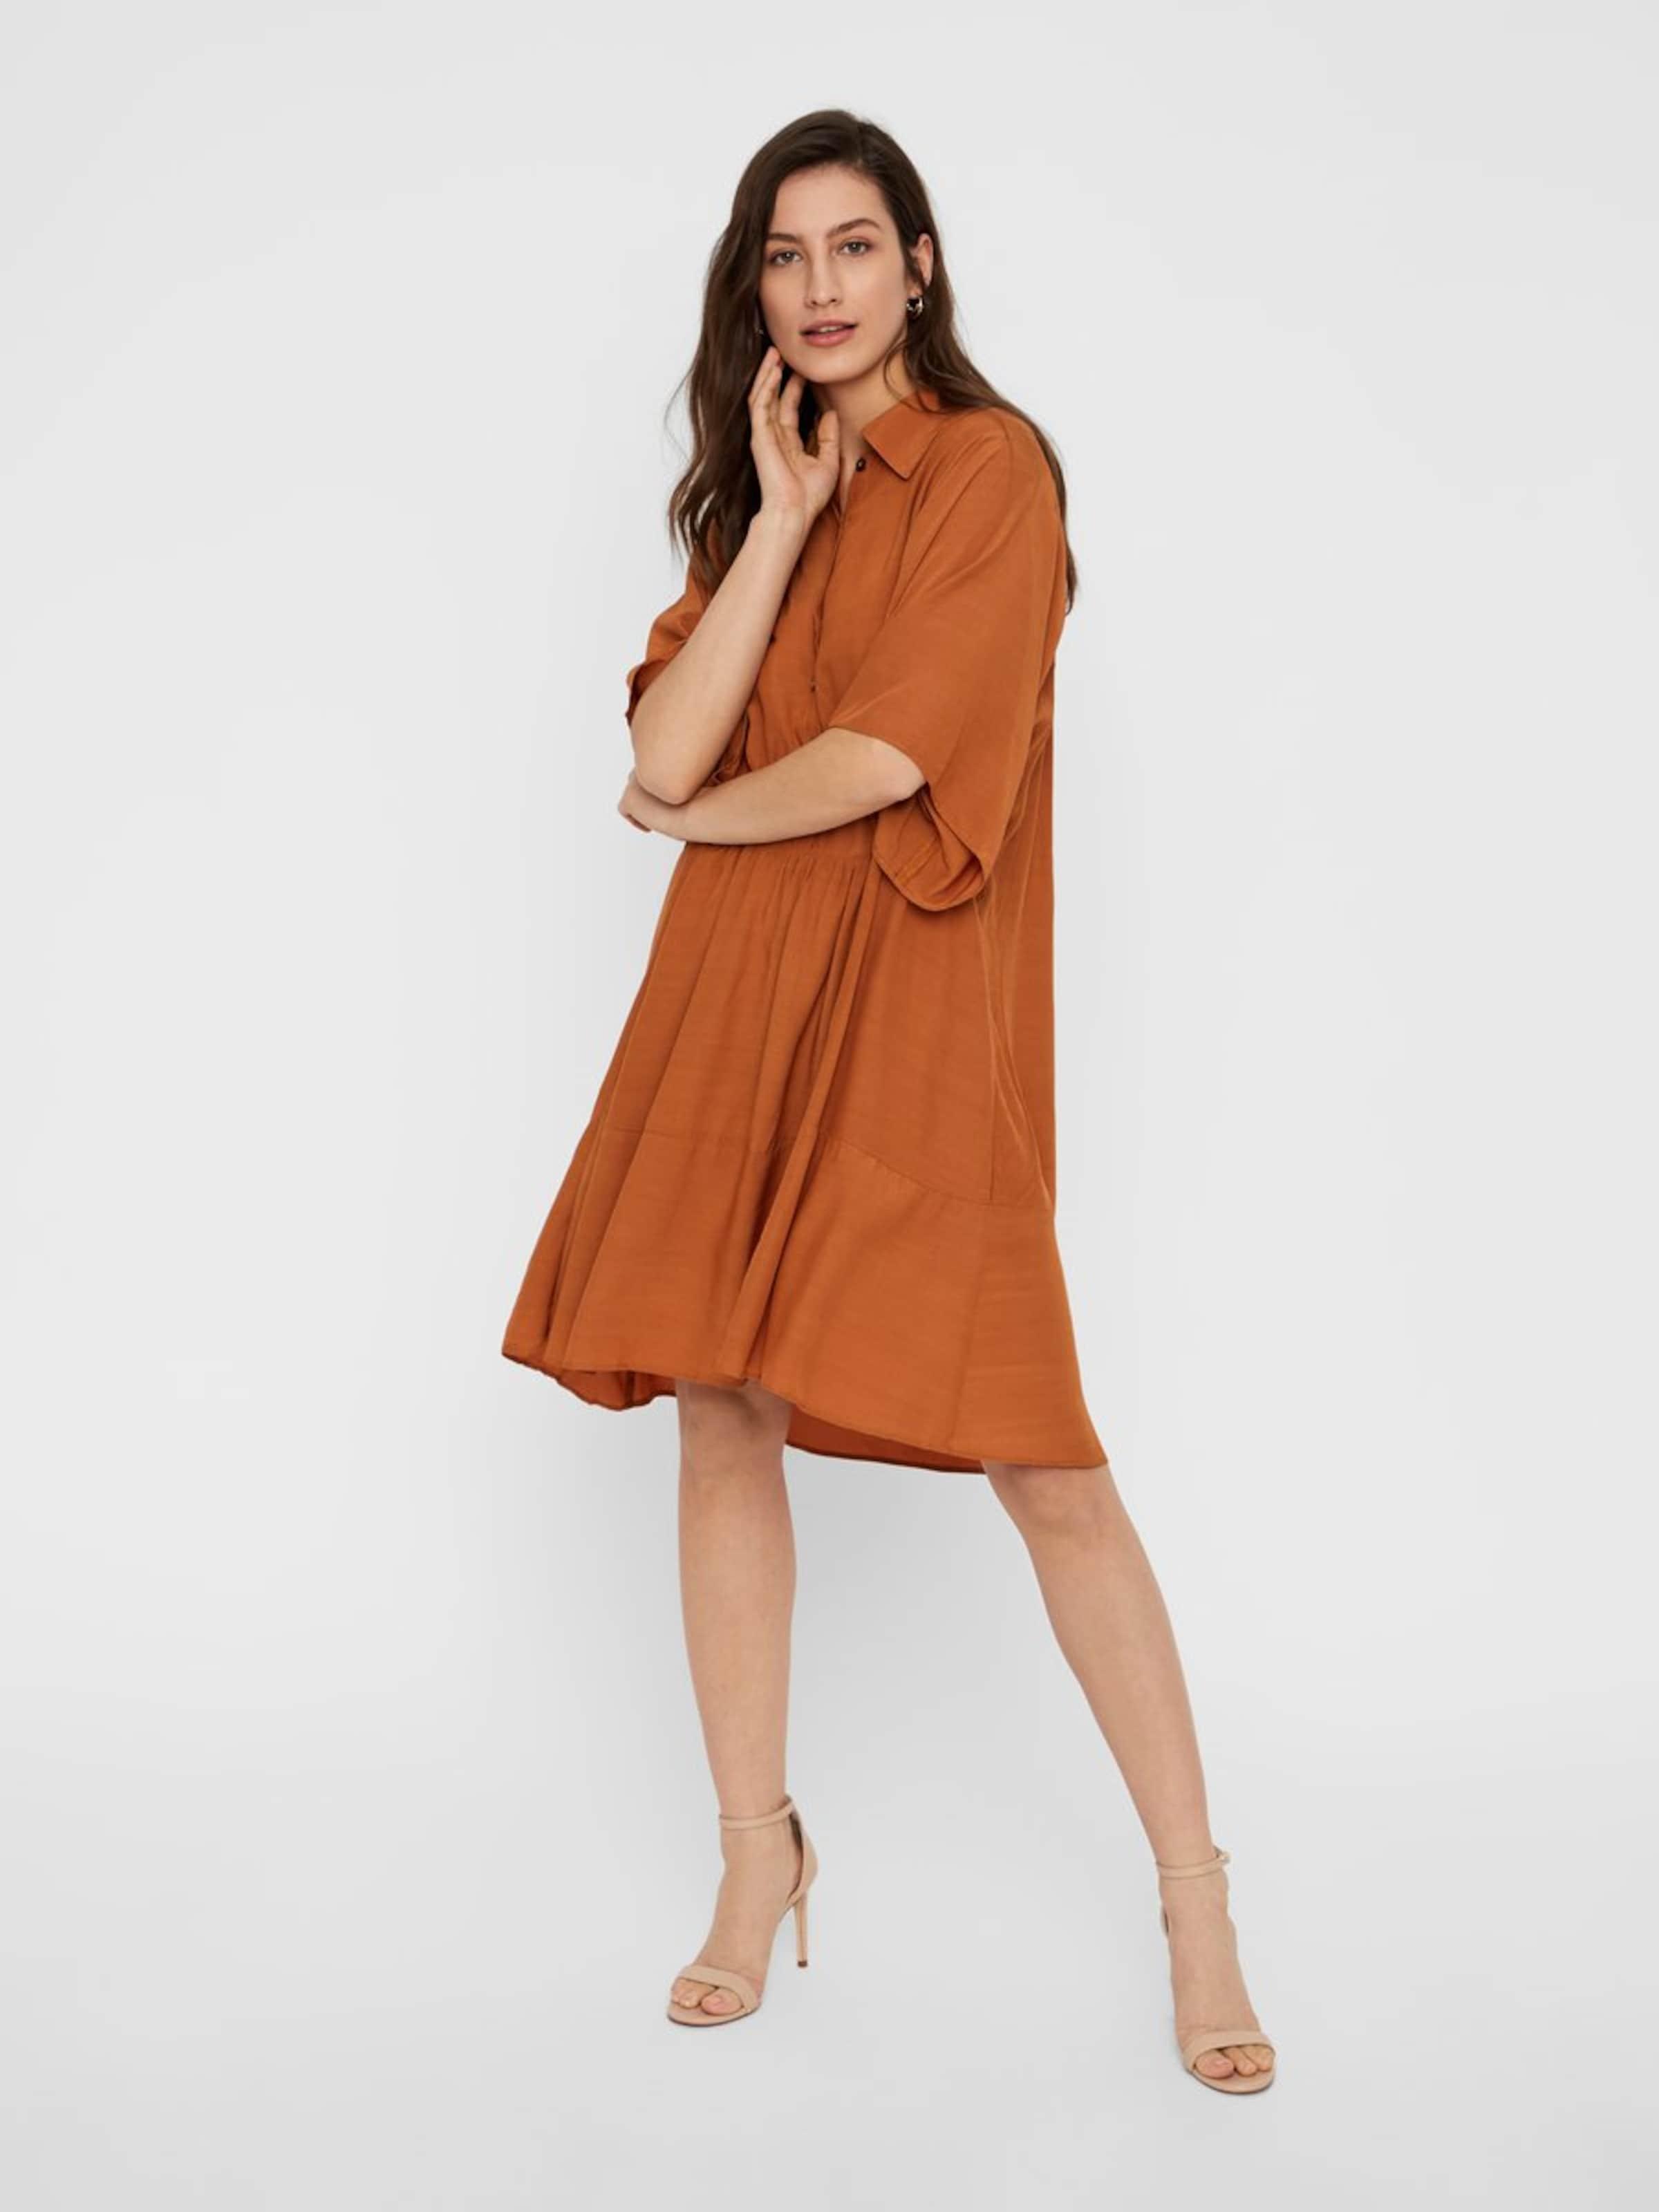 a s Cognac chemise Y En Robe 4RL5jA3